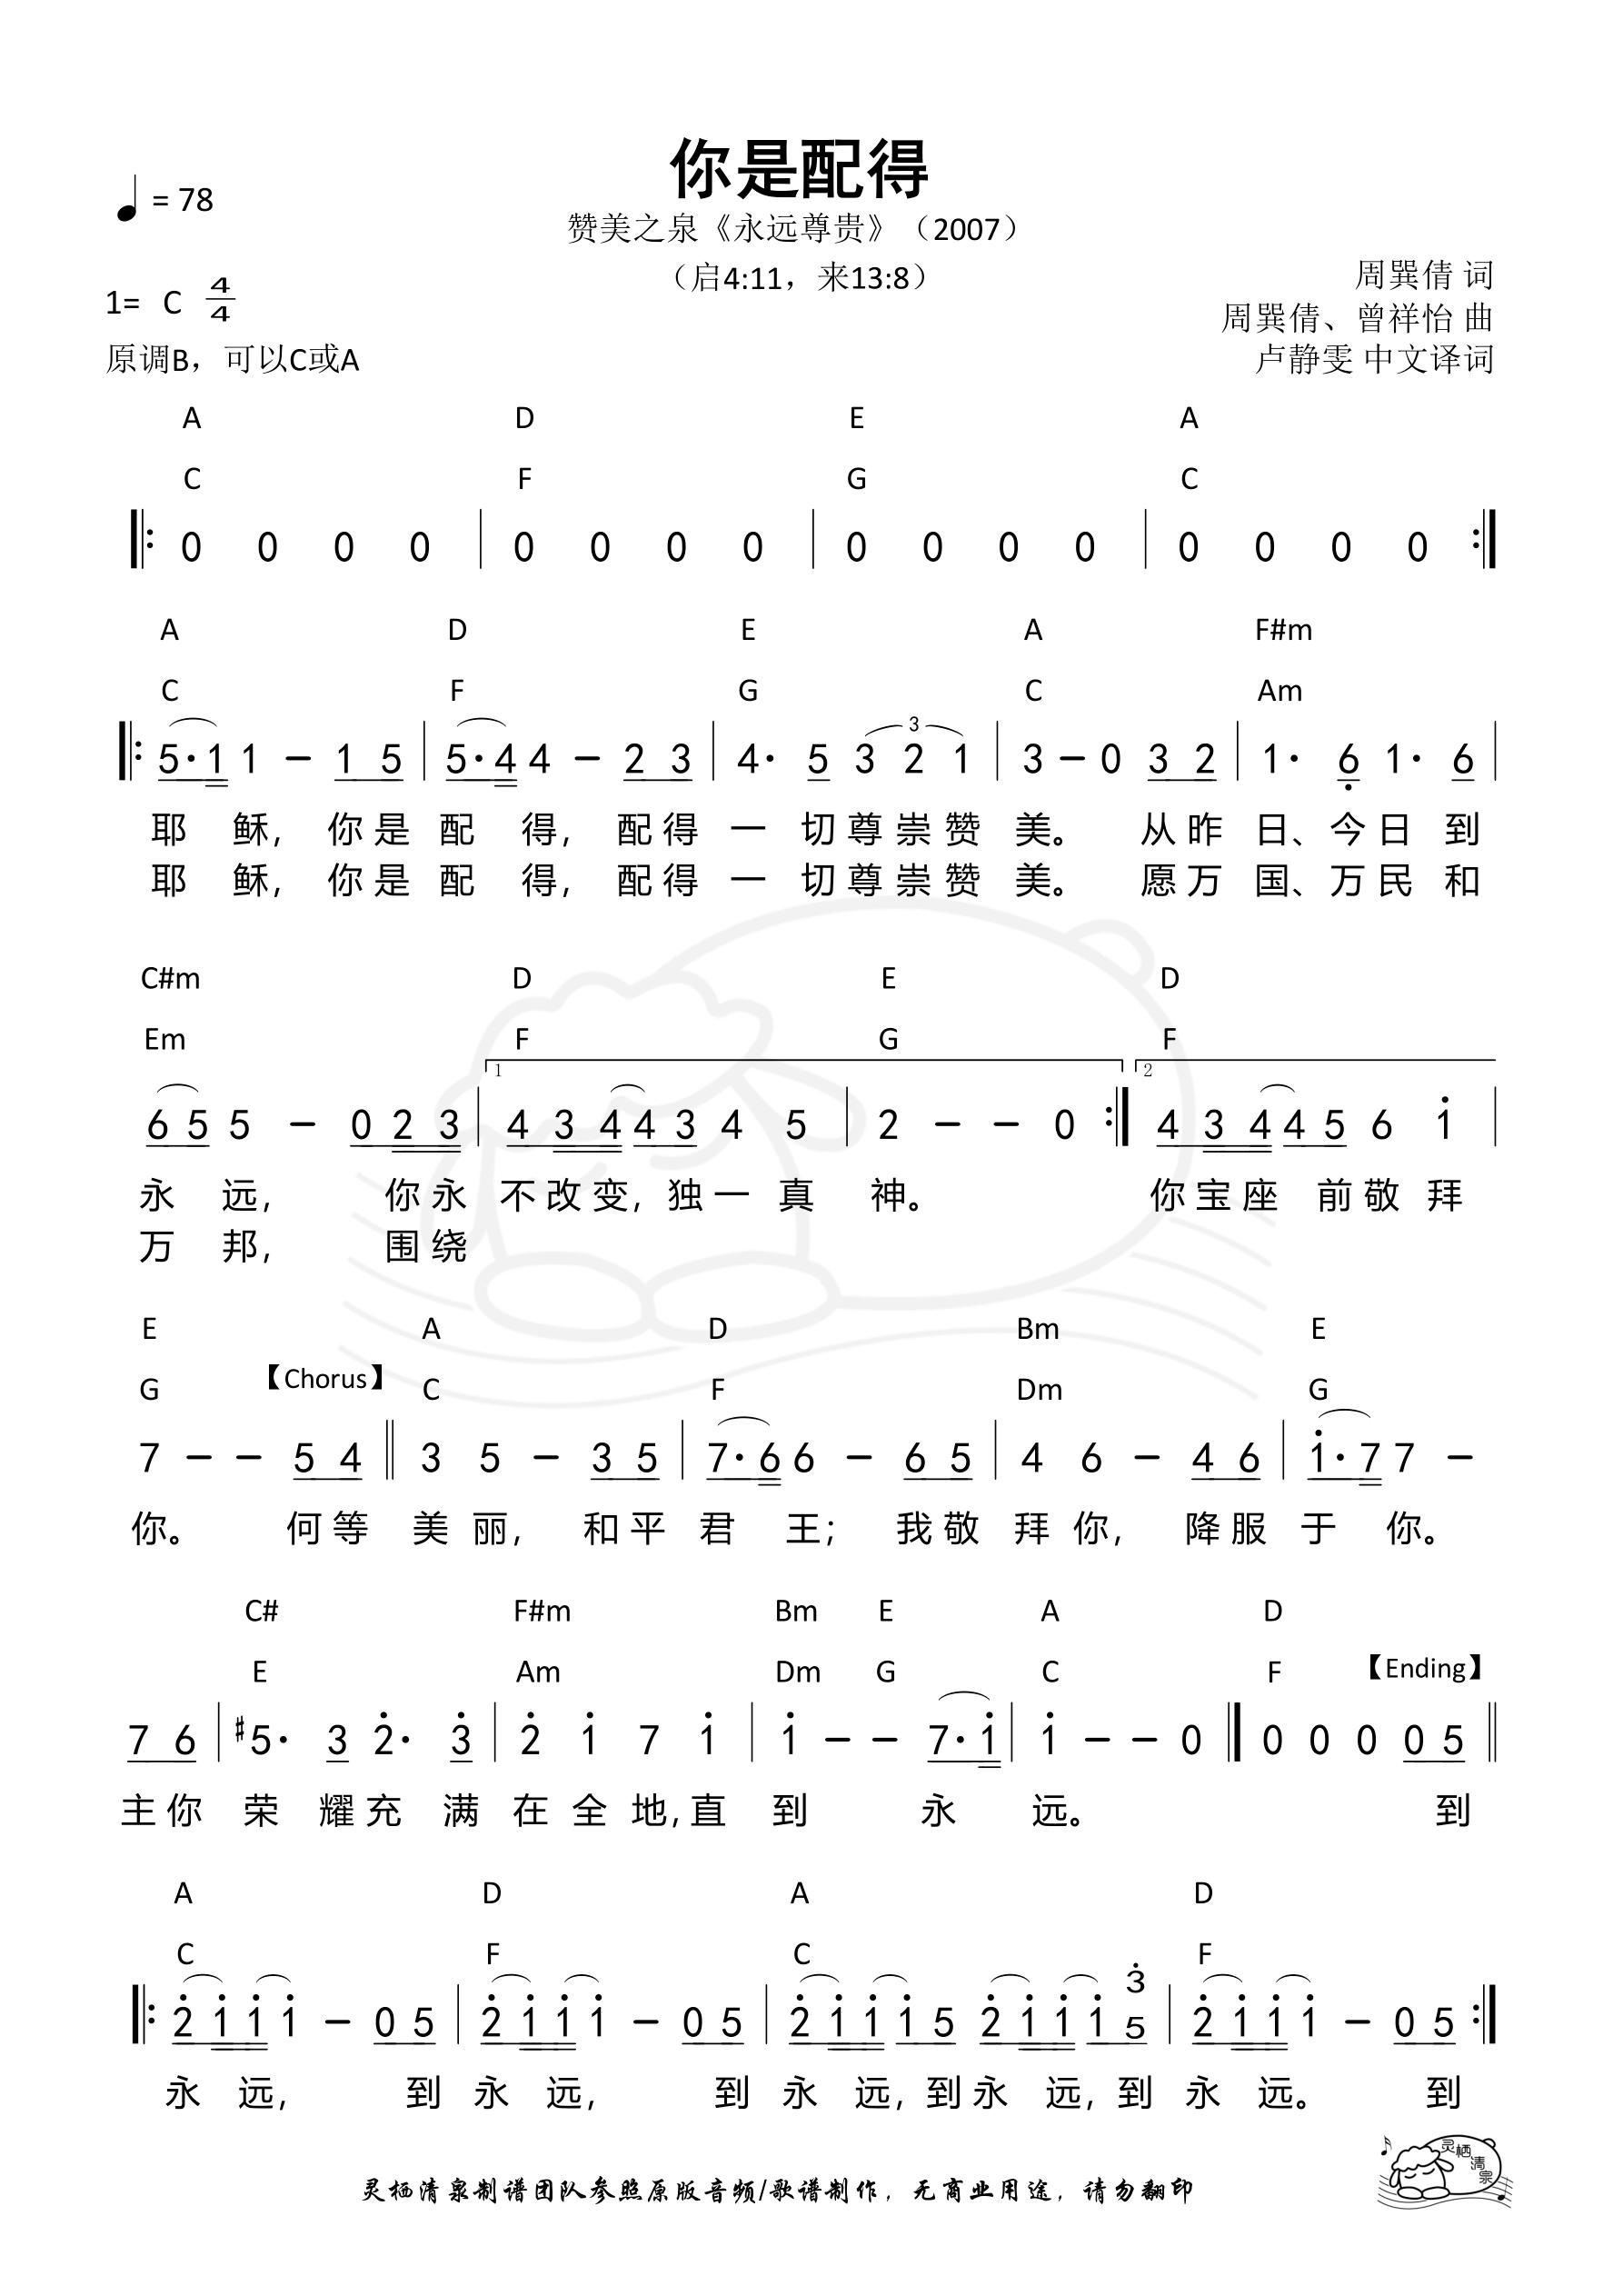 《第173首 - 你是配得(耶稣你是配得) 和弦简谱》